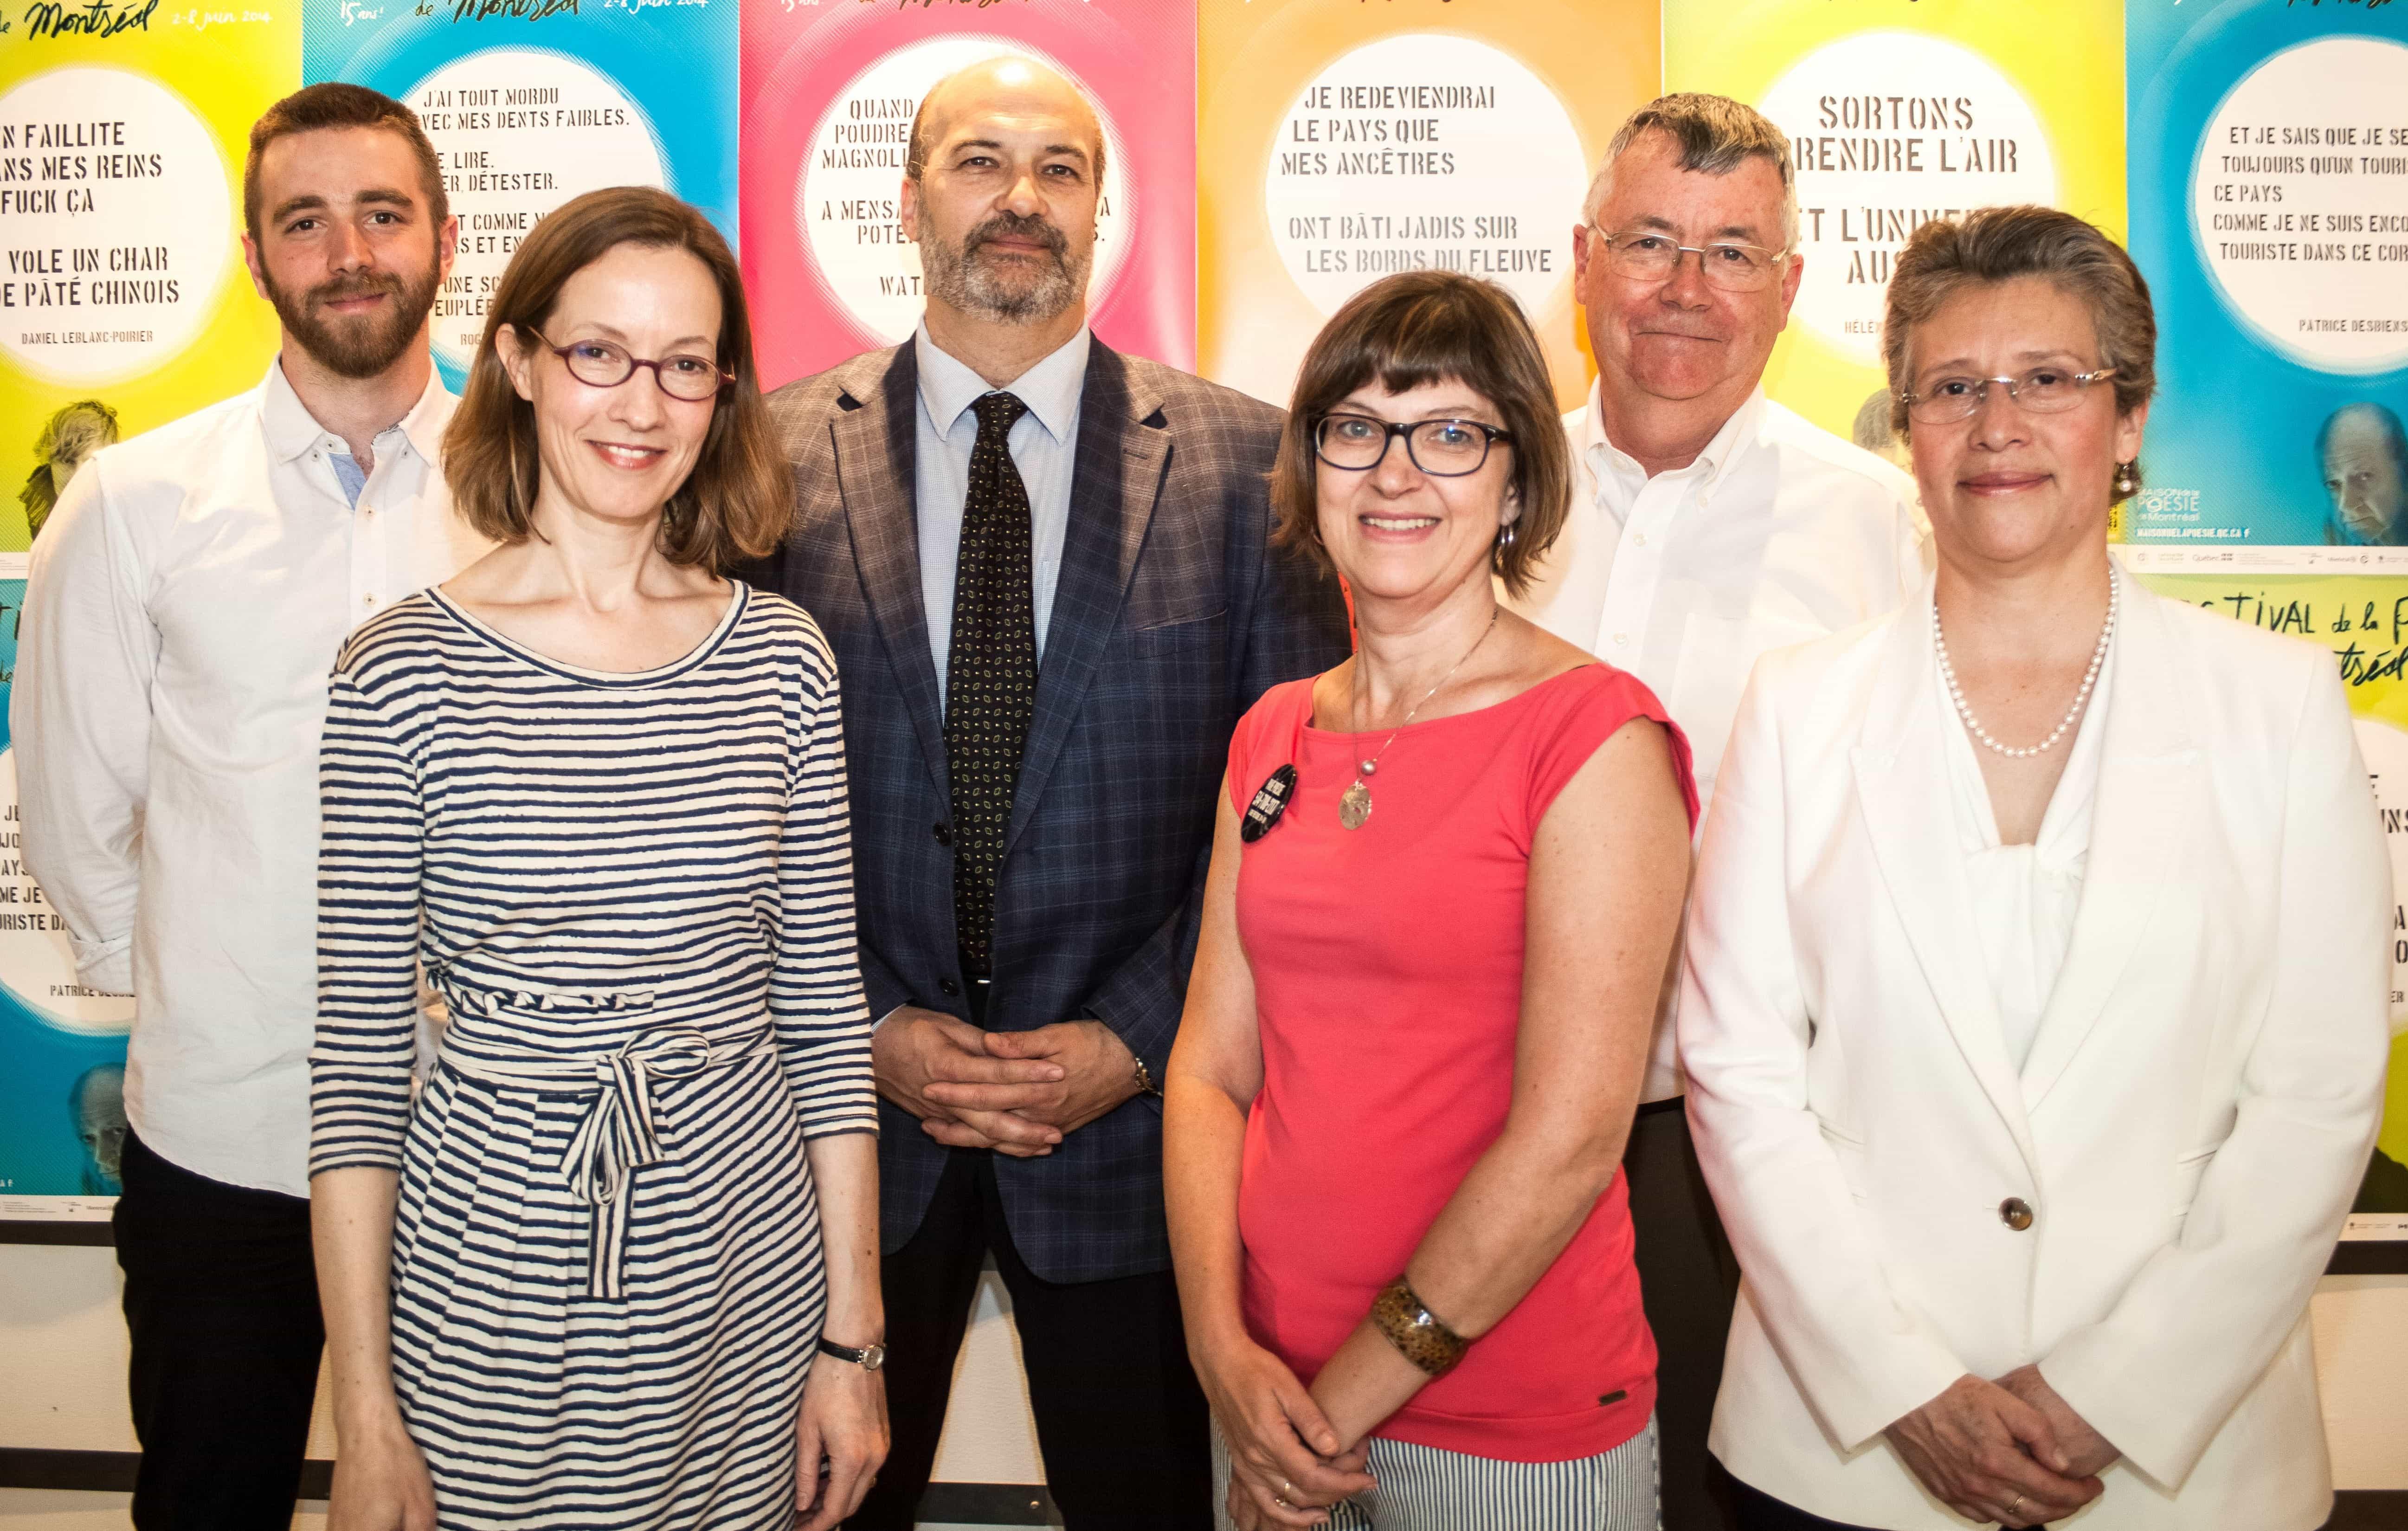 La Maison de la poésie a dévoilé la programmation du 15e Festival de la poésie de Montréal le 21 mai au Café du théâtre Aux Écuries, en présence de plusieurs poètes, éditeurs et partenaires.     (Crédit photo: Léa Lacroix)